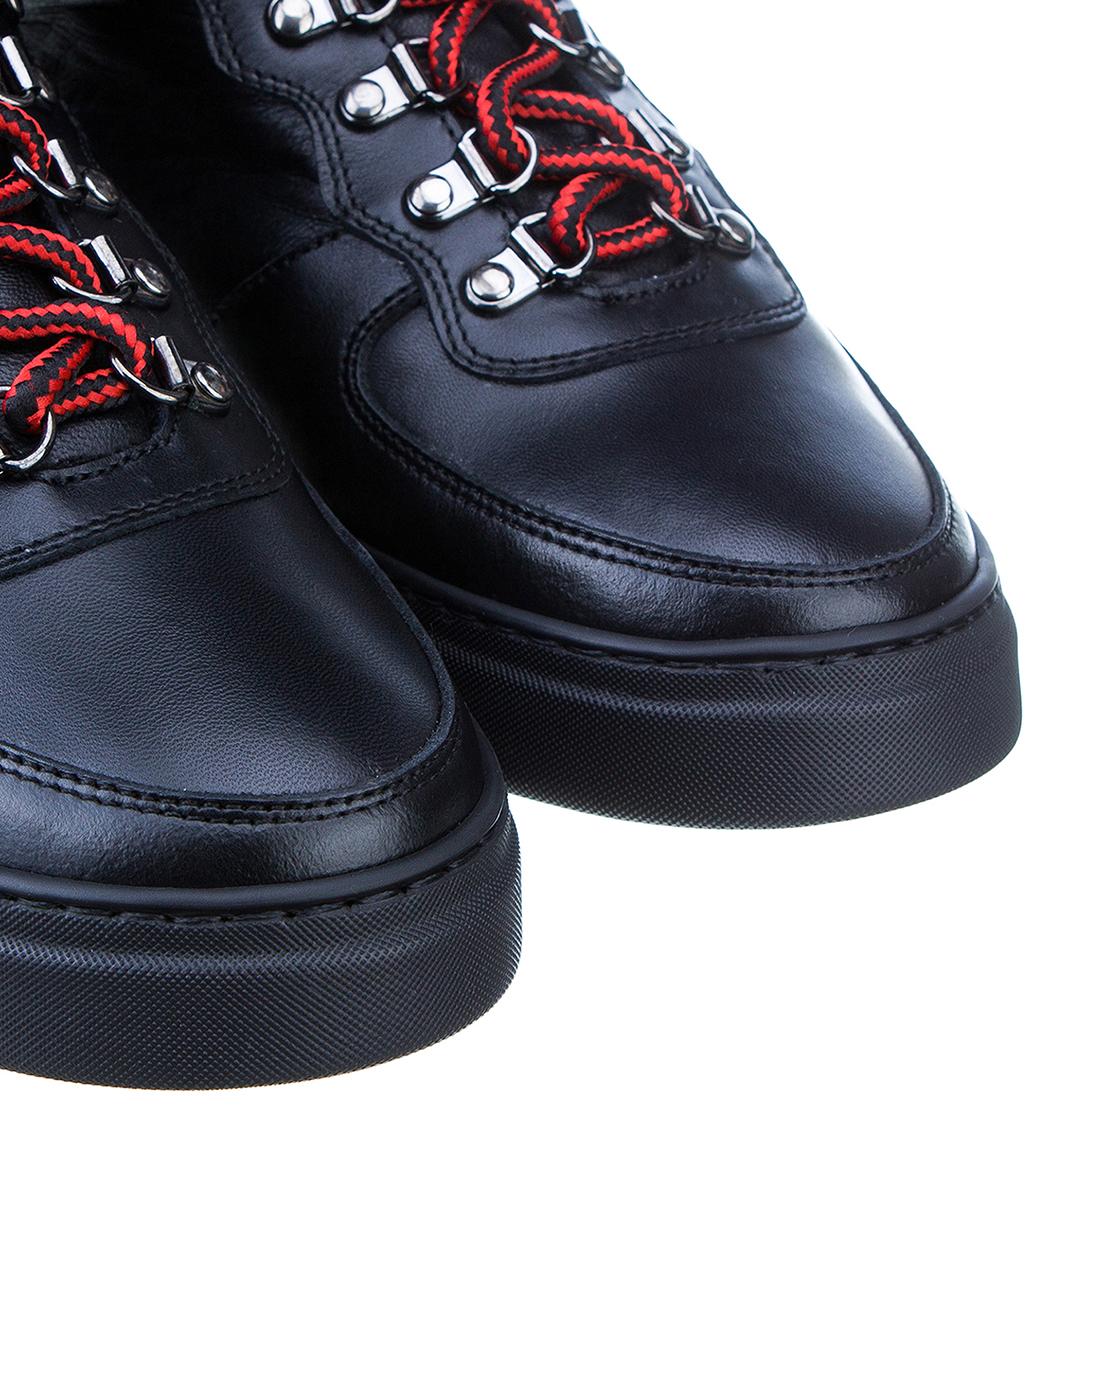 Кроссовки черные мужские John Richmond S8125 VAR A-4